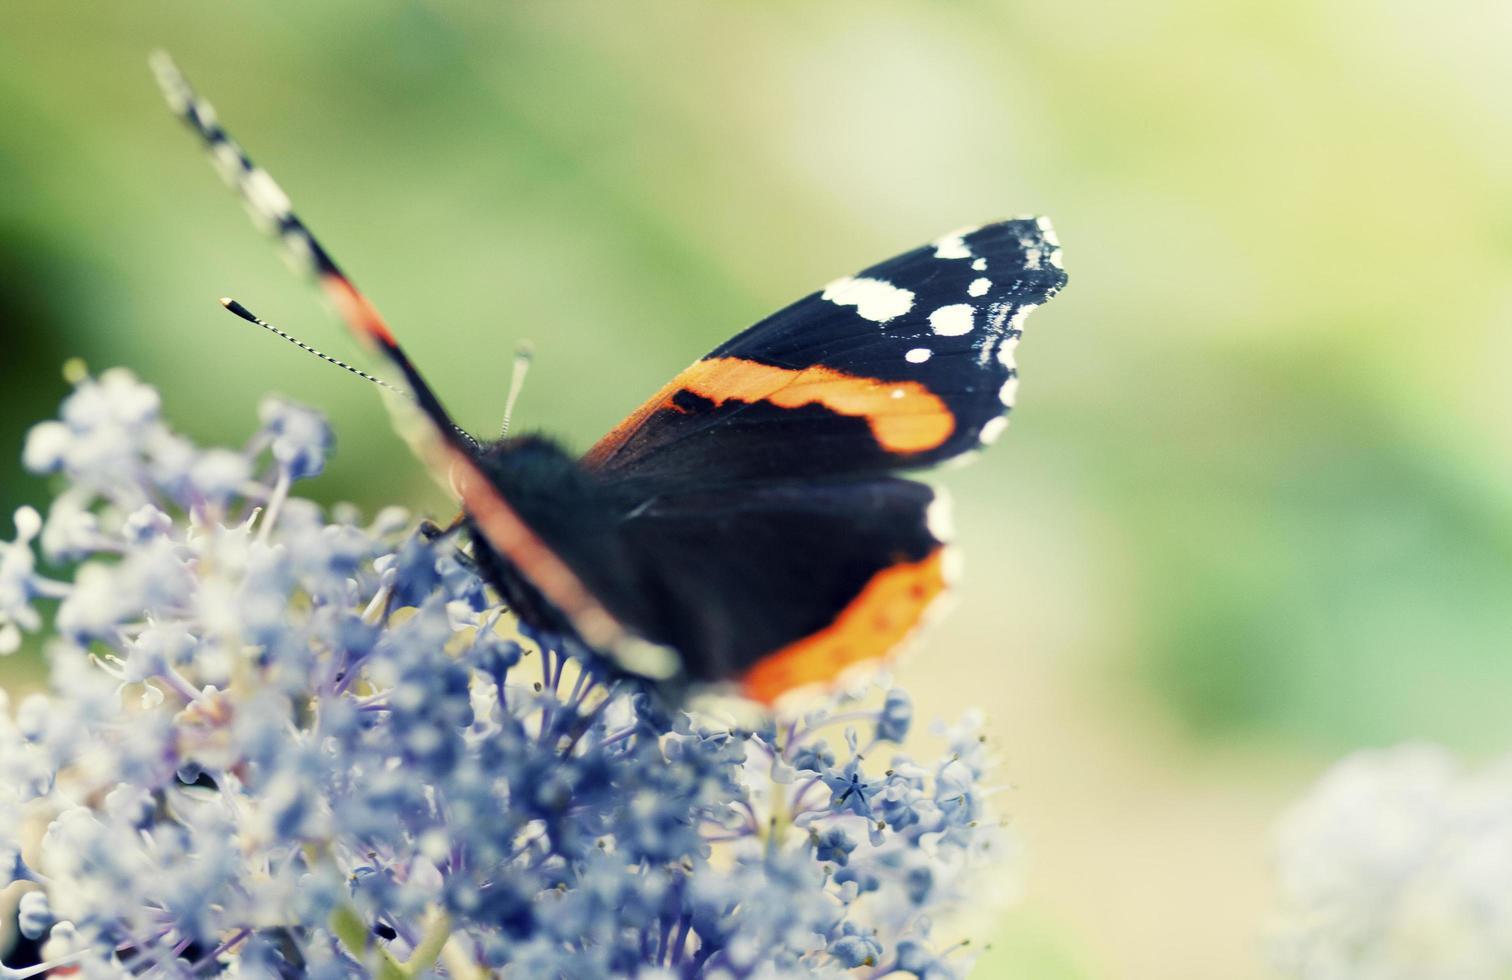 una farfalla colorata su un fiore foto